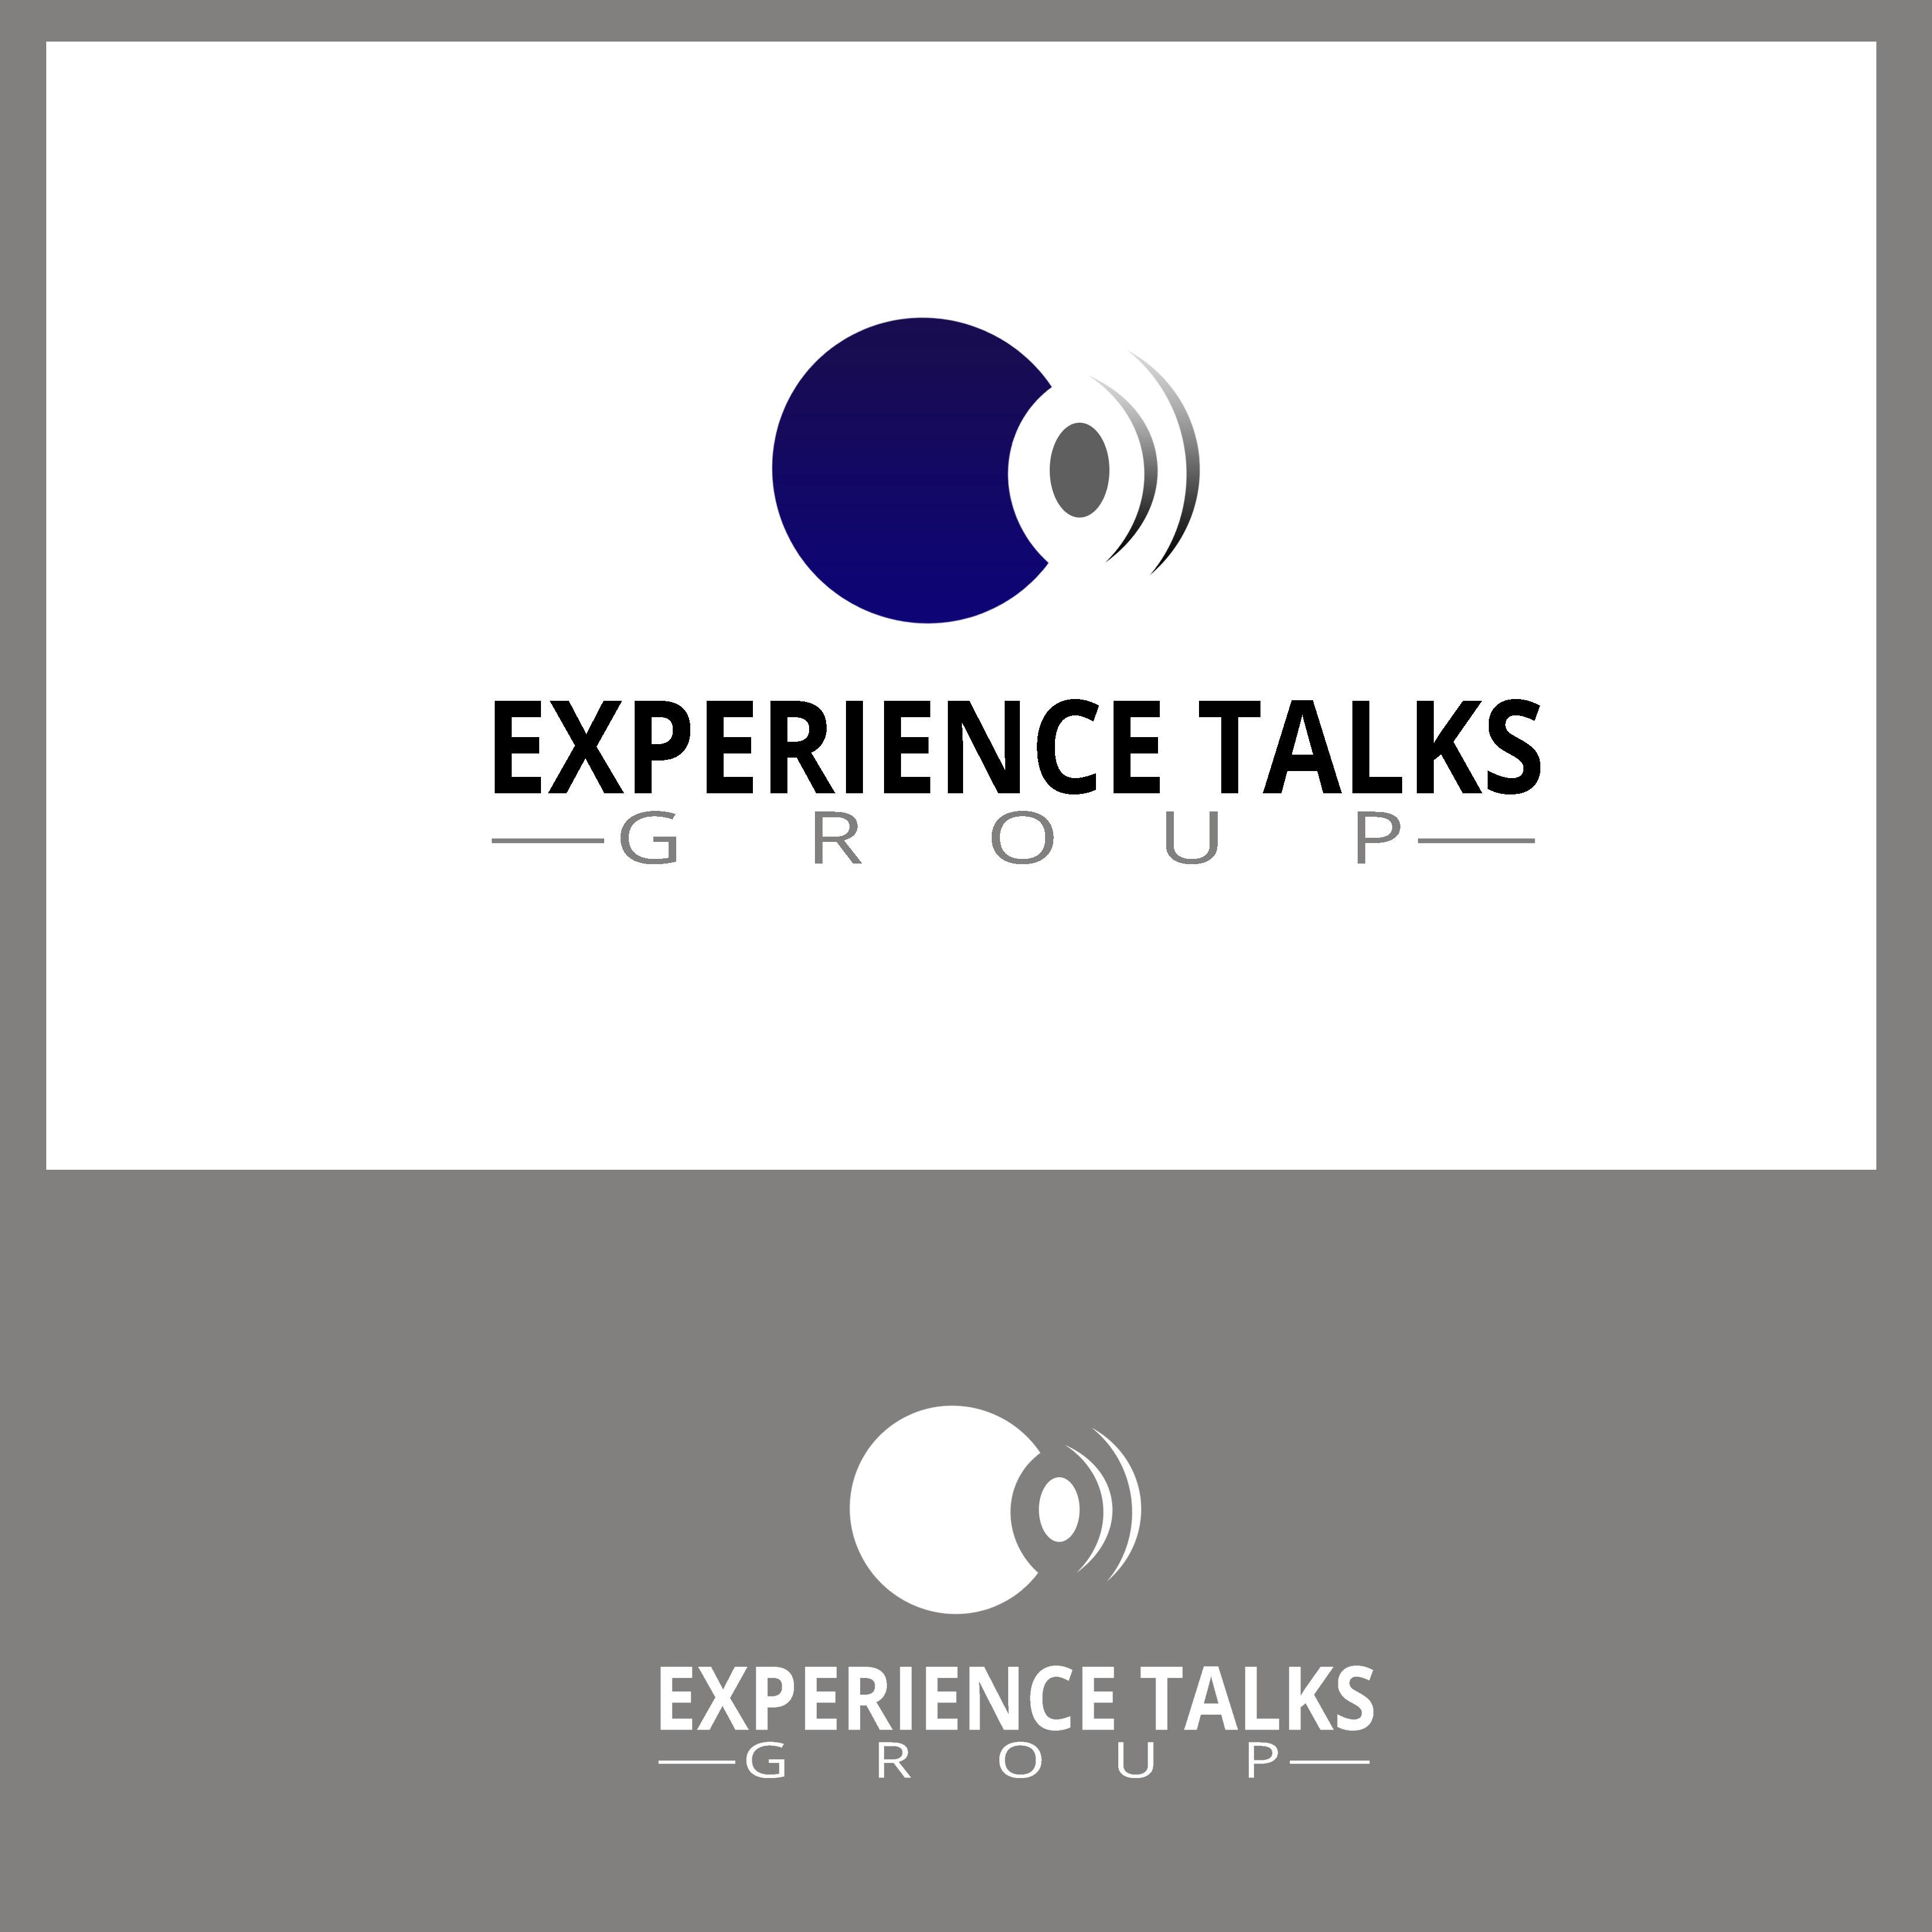 Logo Design by Allan Esclamado - Entry No. 15 in the Logo Design Contest Captivating Logo Design for Experience Talks Group.